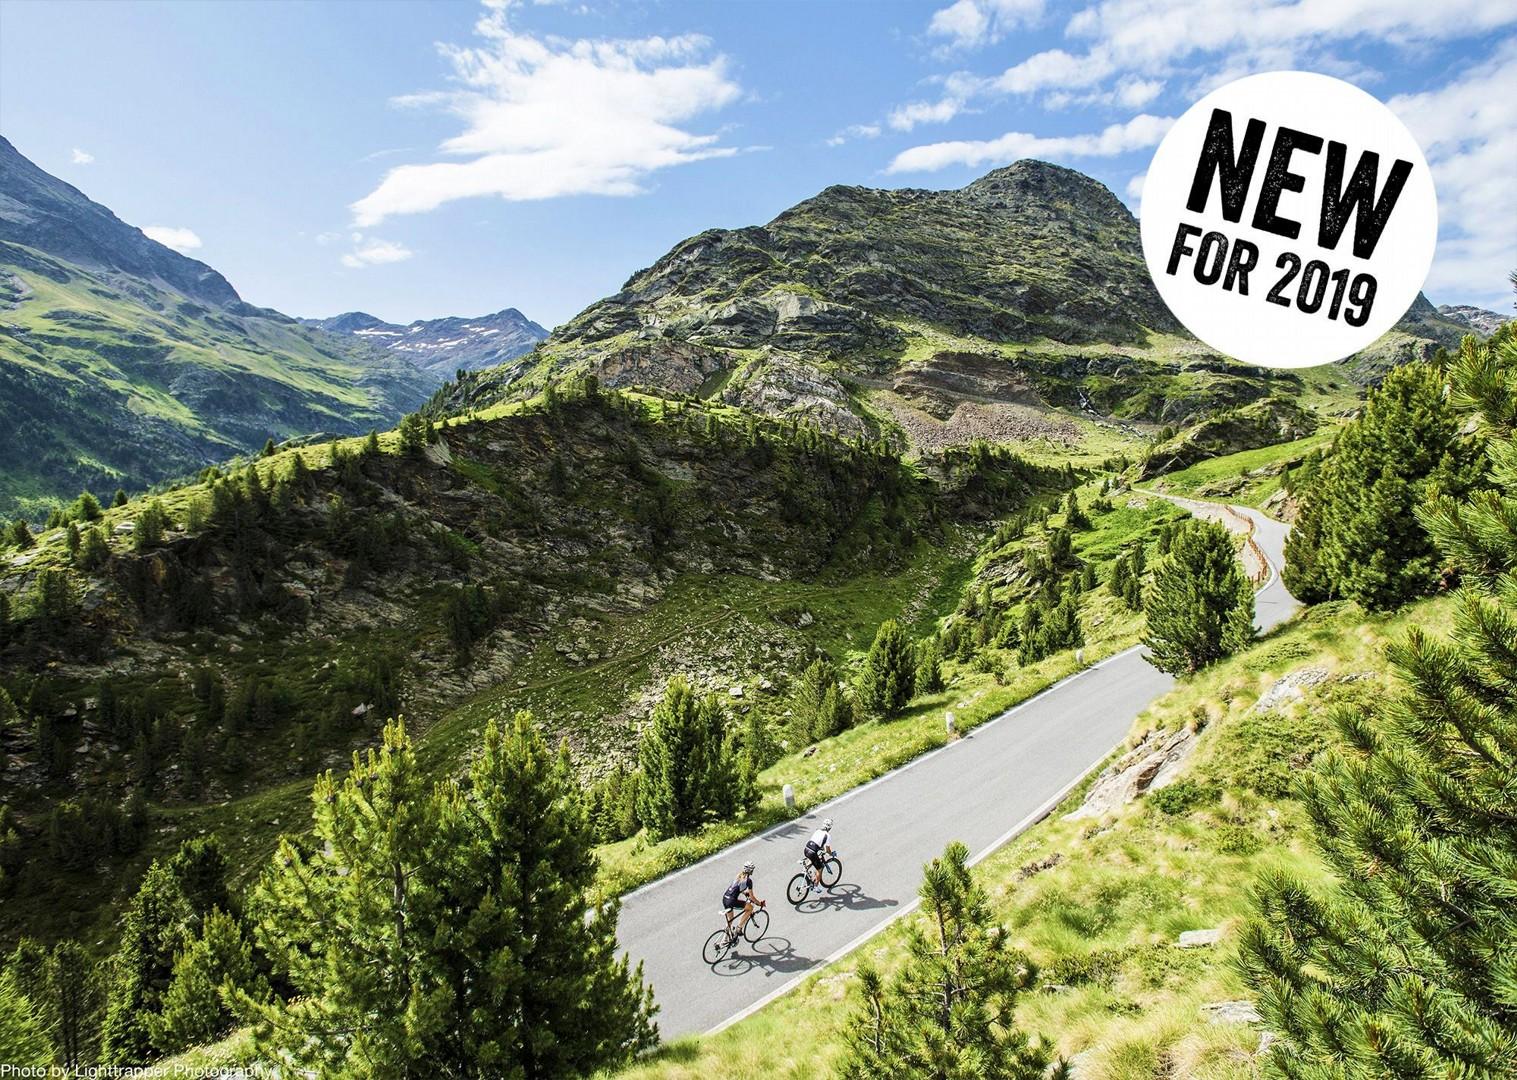 _Holiday.989.21955 copy.jpg - NEW! Italy - Italian Alps - 2019 Giro Special - Road Cycling